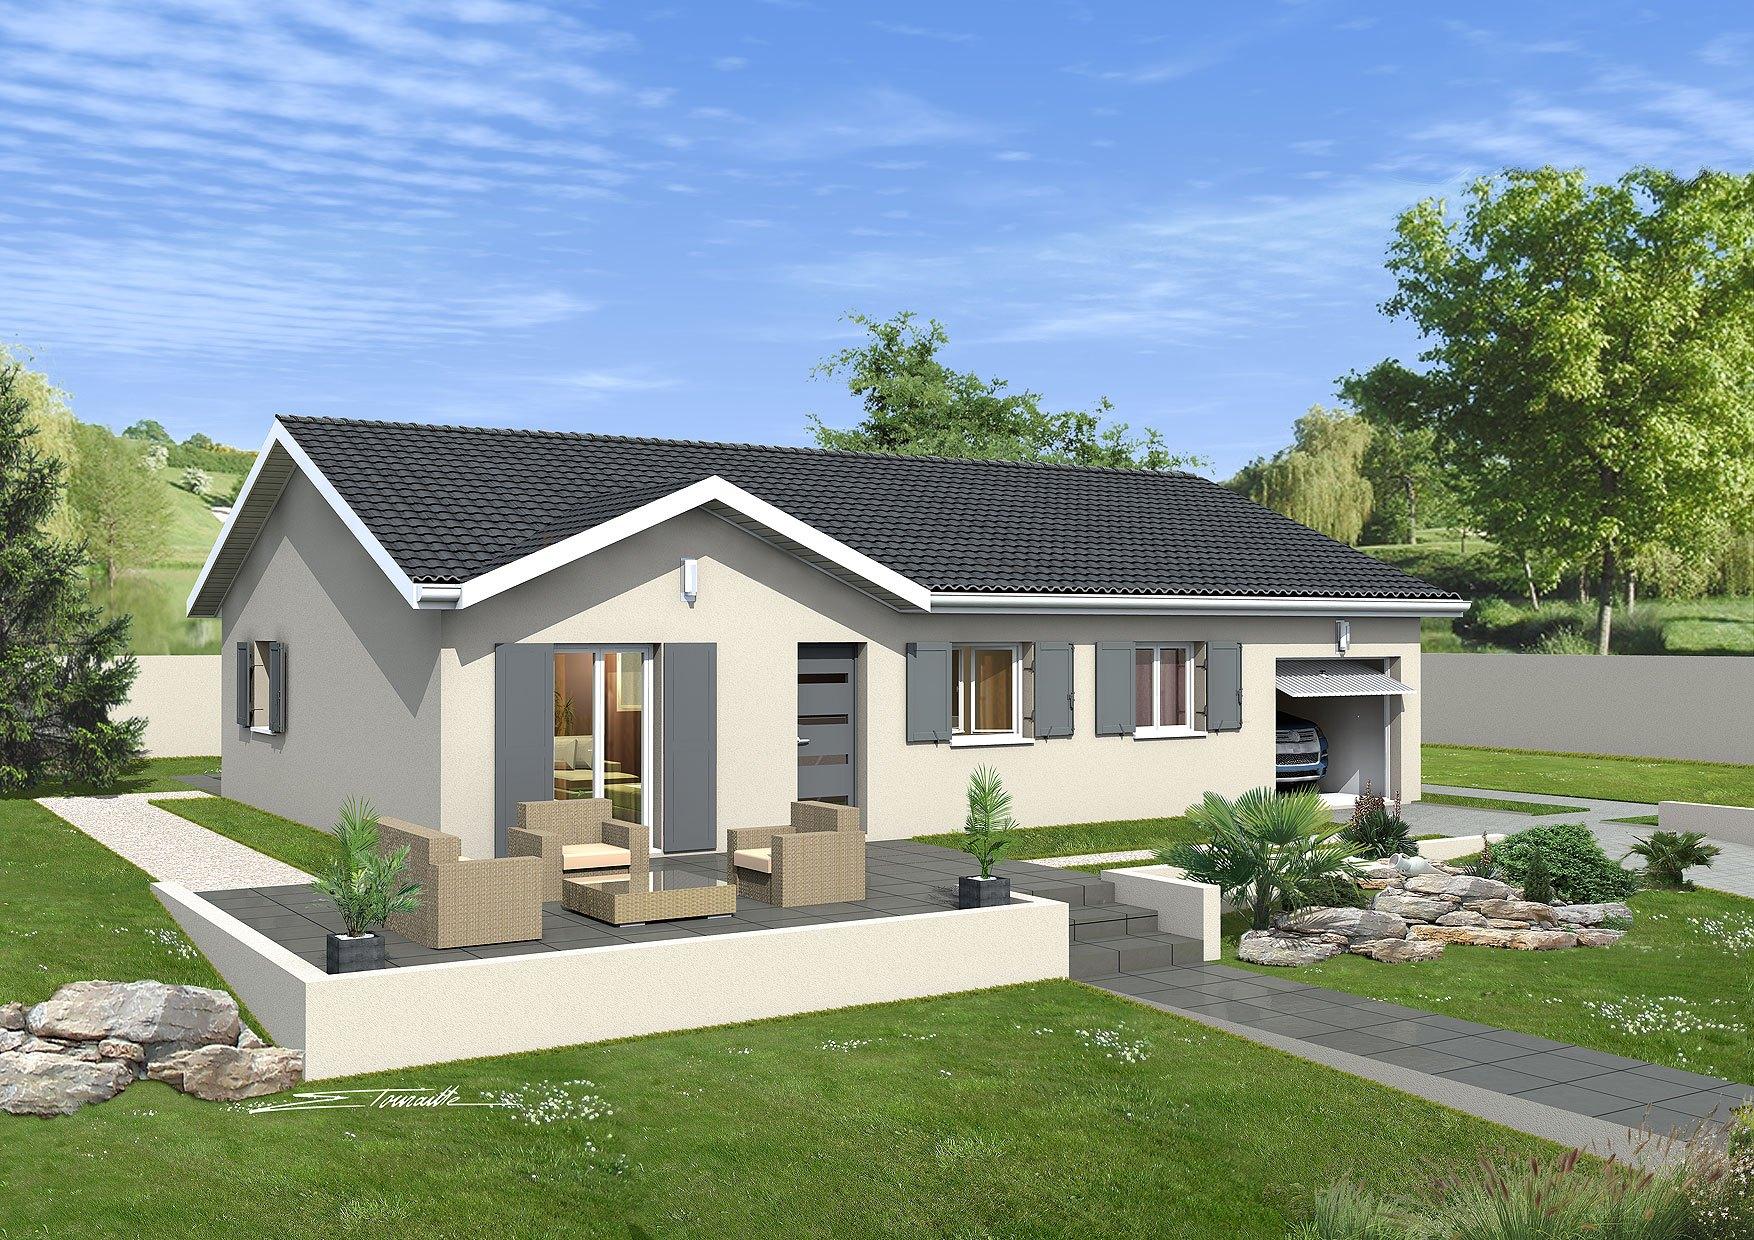 Maisons + Terrains du constructeur MAISONS PUNCH • 89 m² • SENNECEY LE GRAND